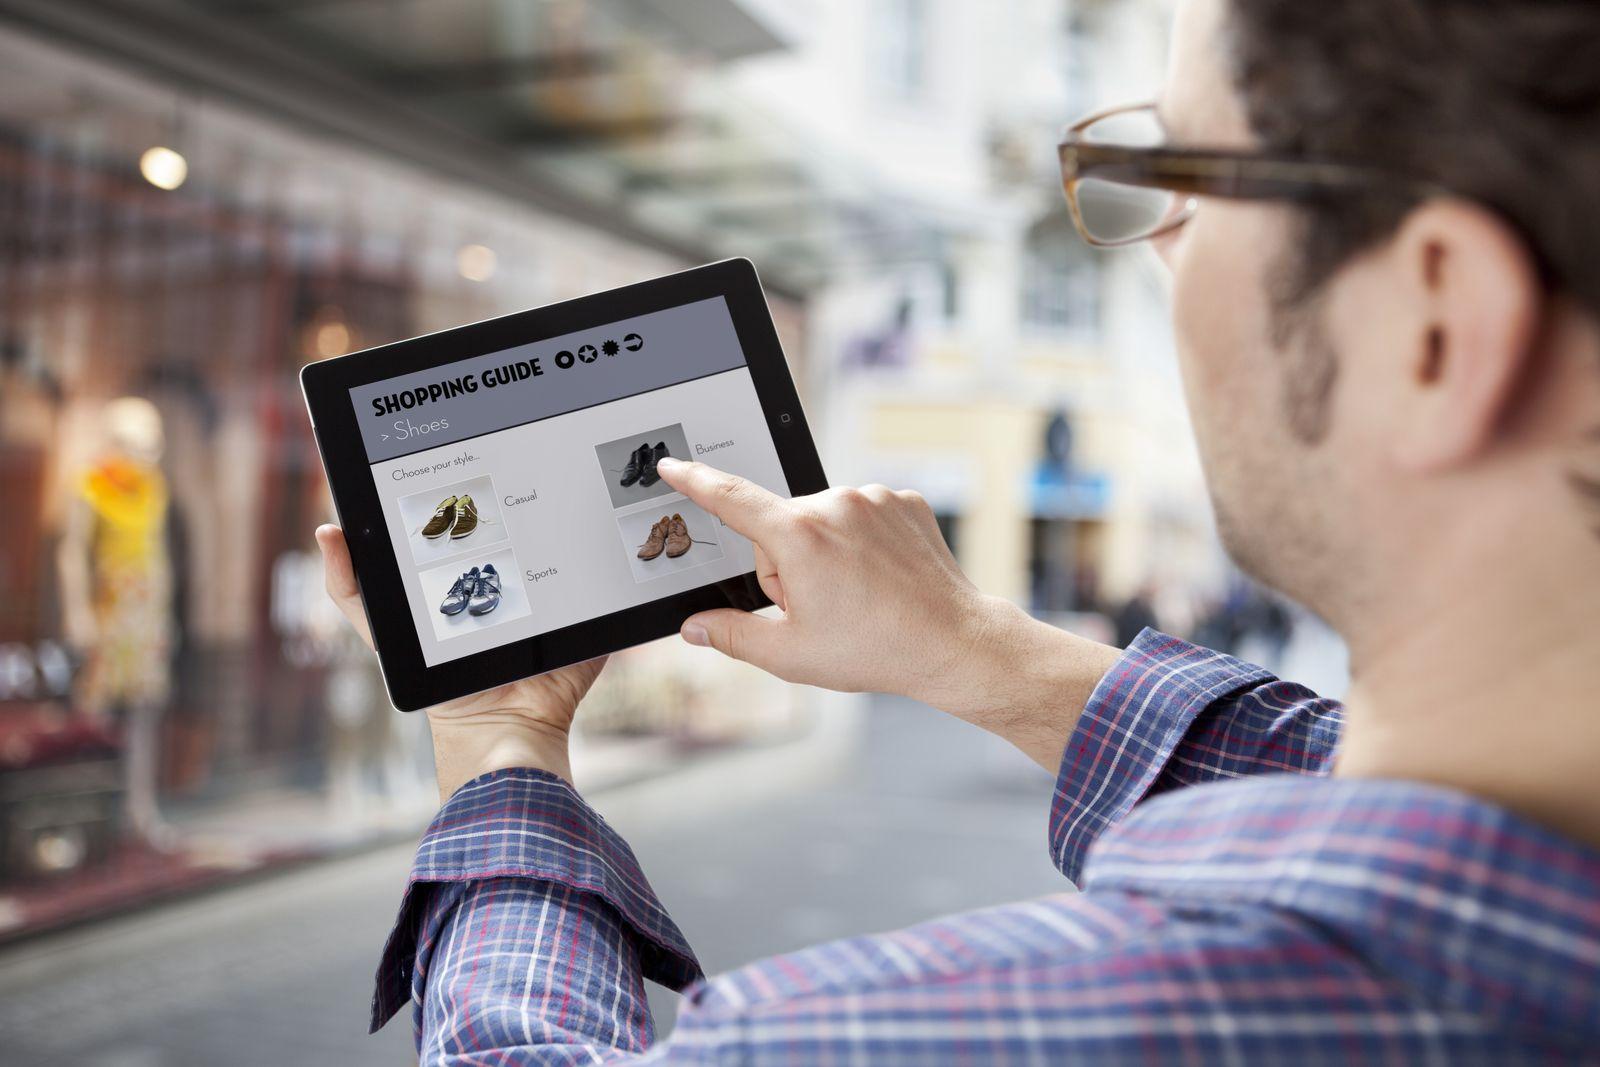 NICHT MEHR VERWENDEN! - Tablet / Werbung / Shopping / iPad